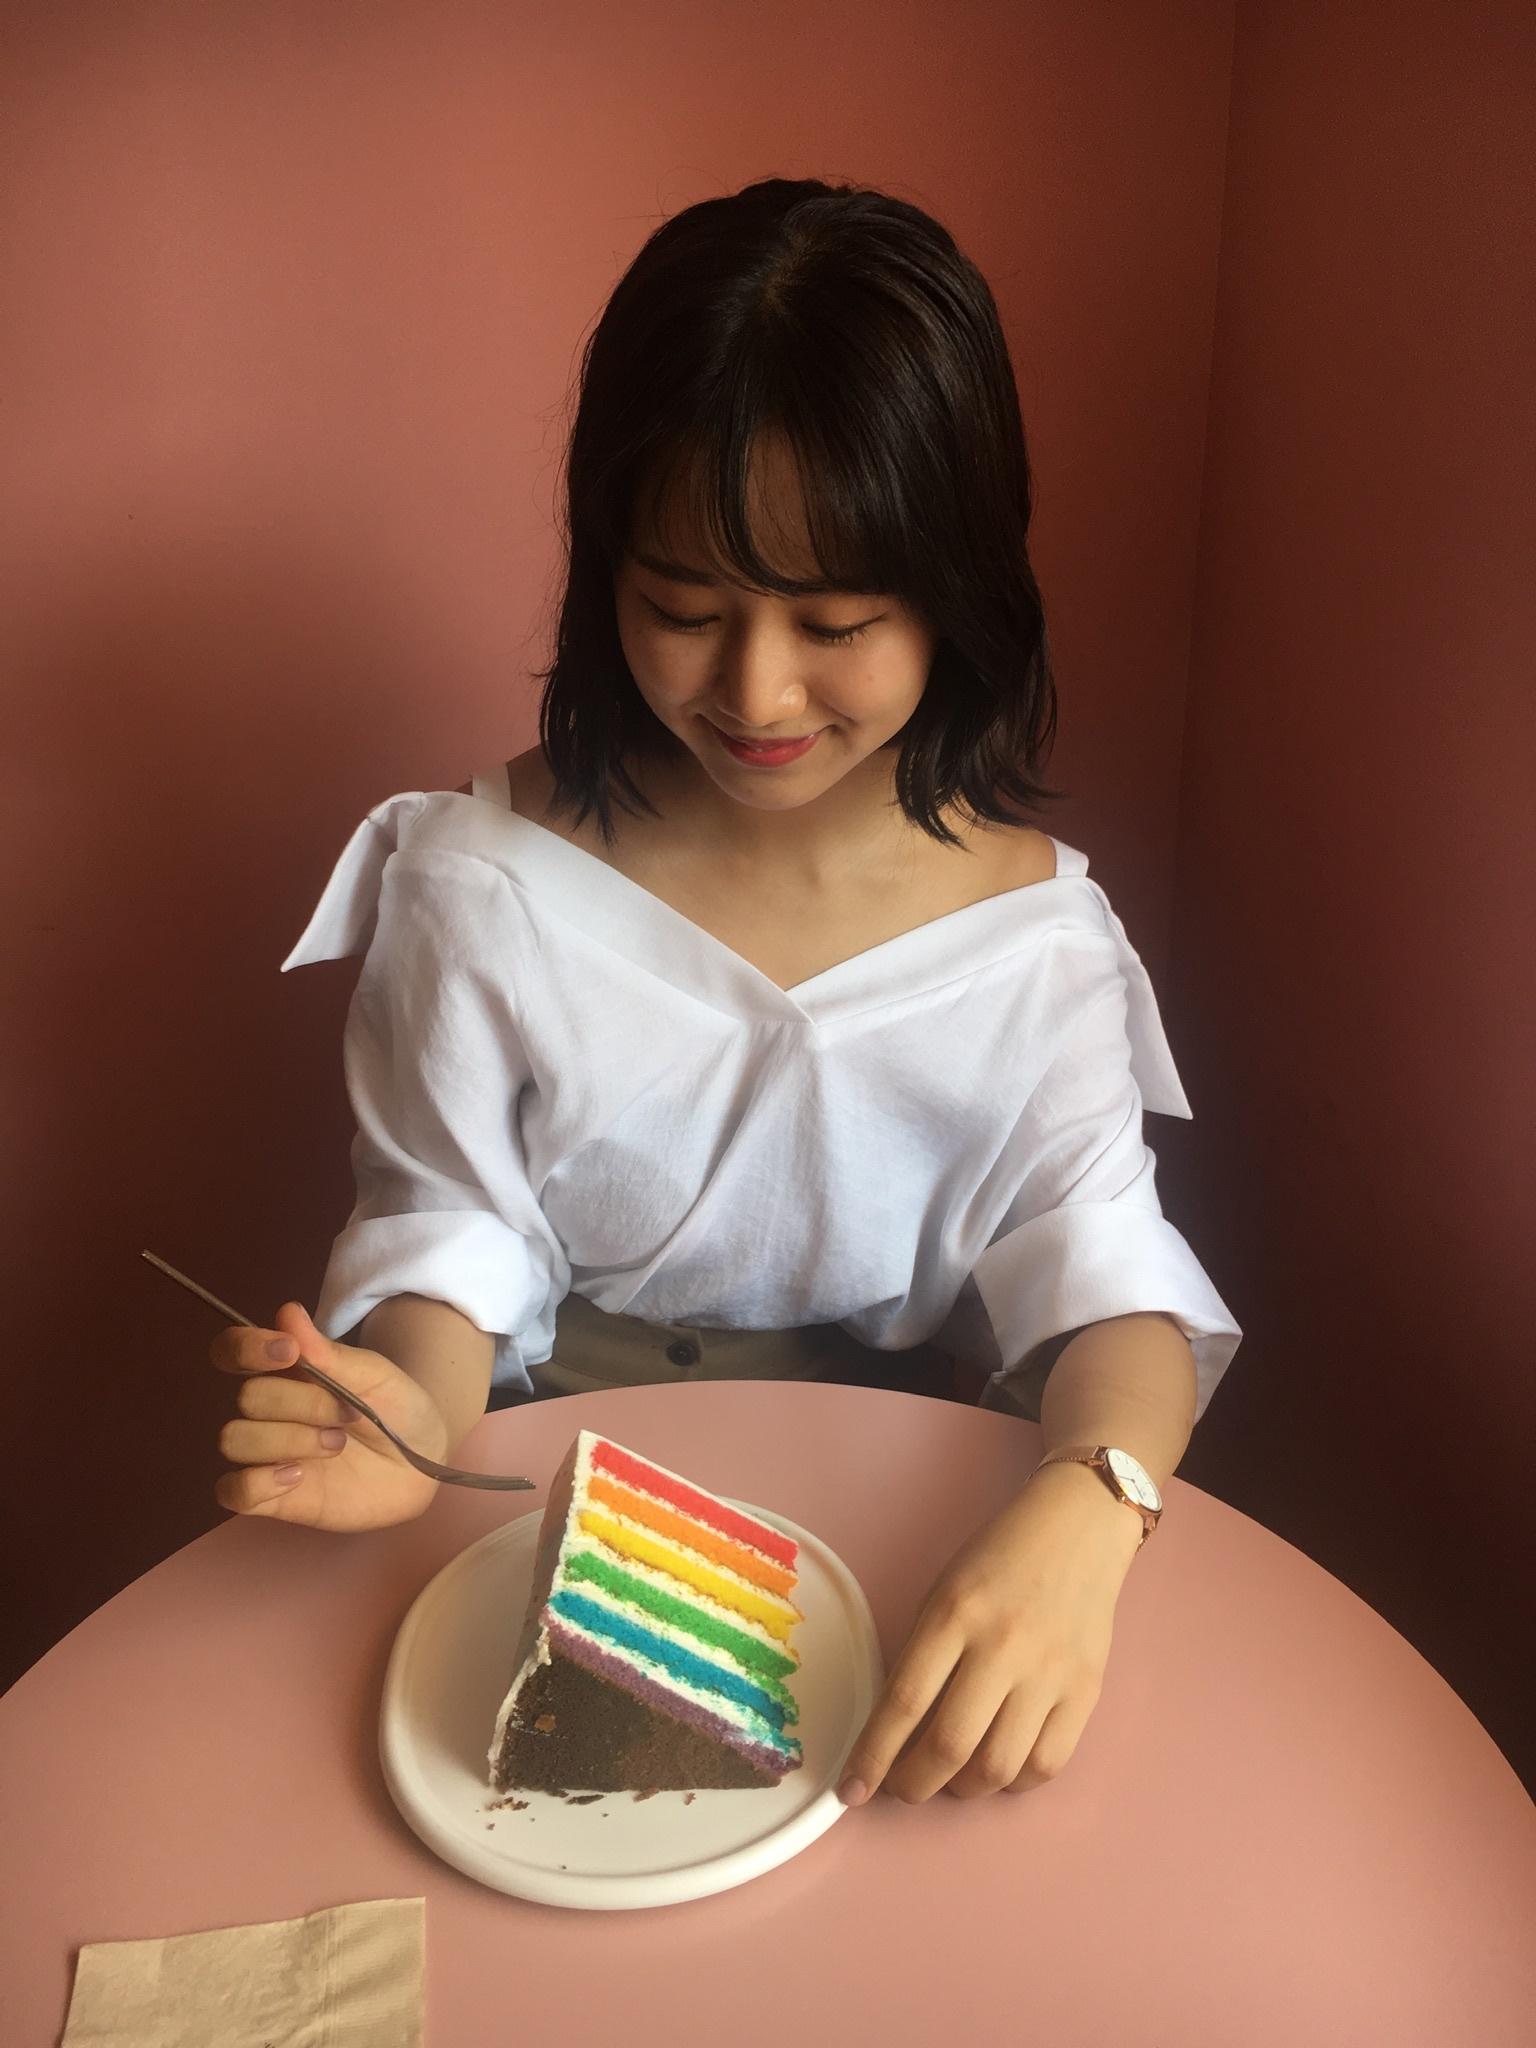 【 関西人が教える!】 東京のおすすめカフェ 3選♡_1_1